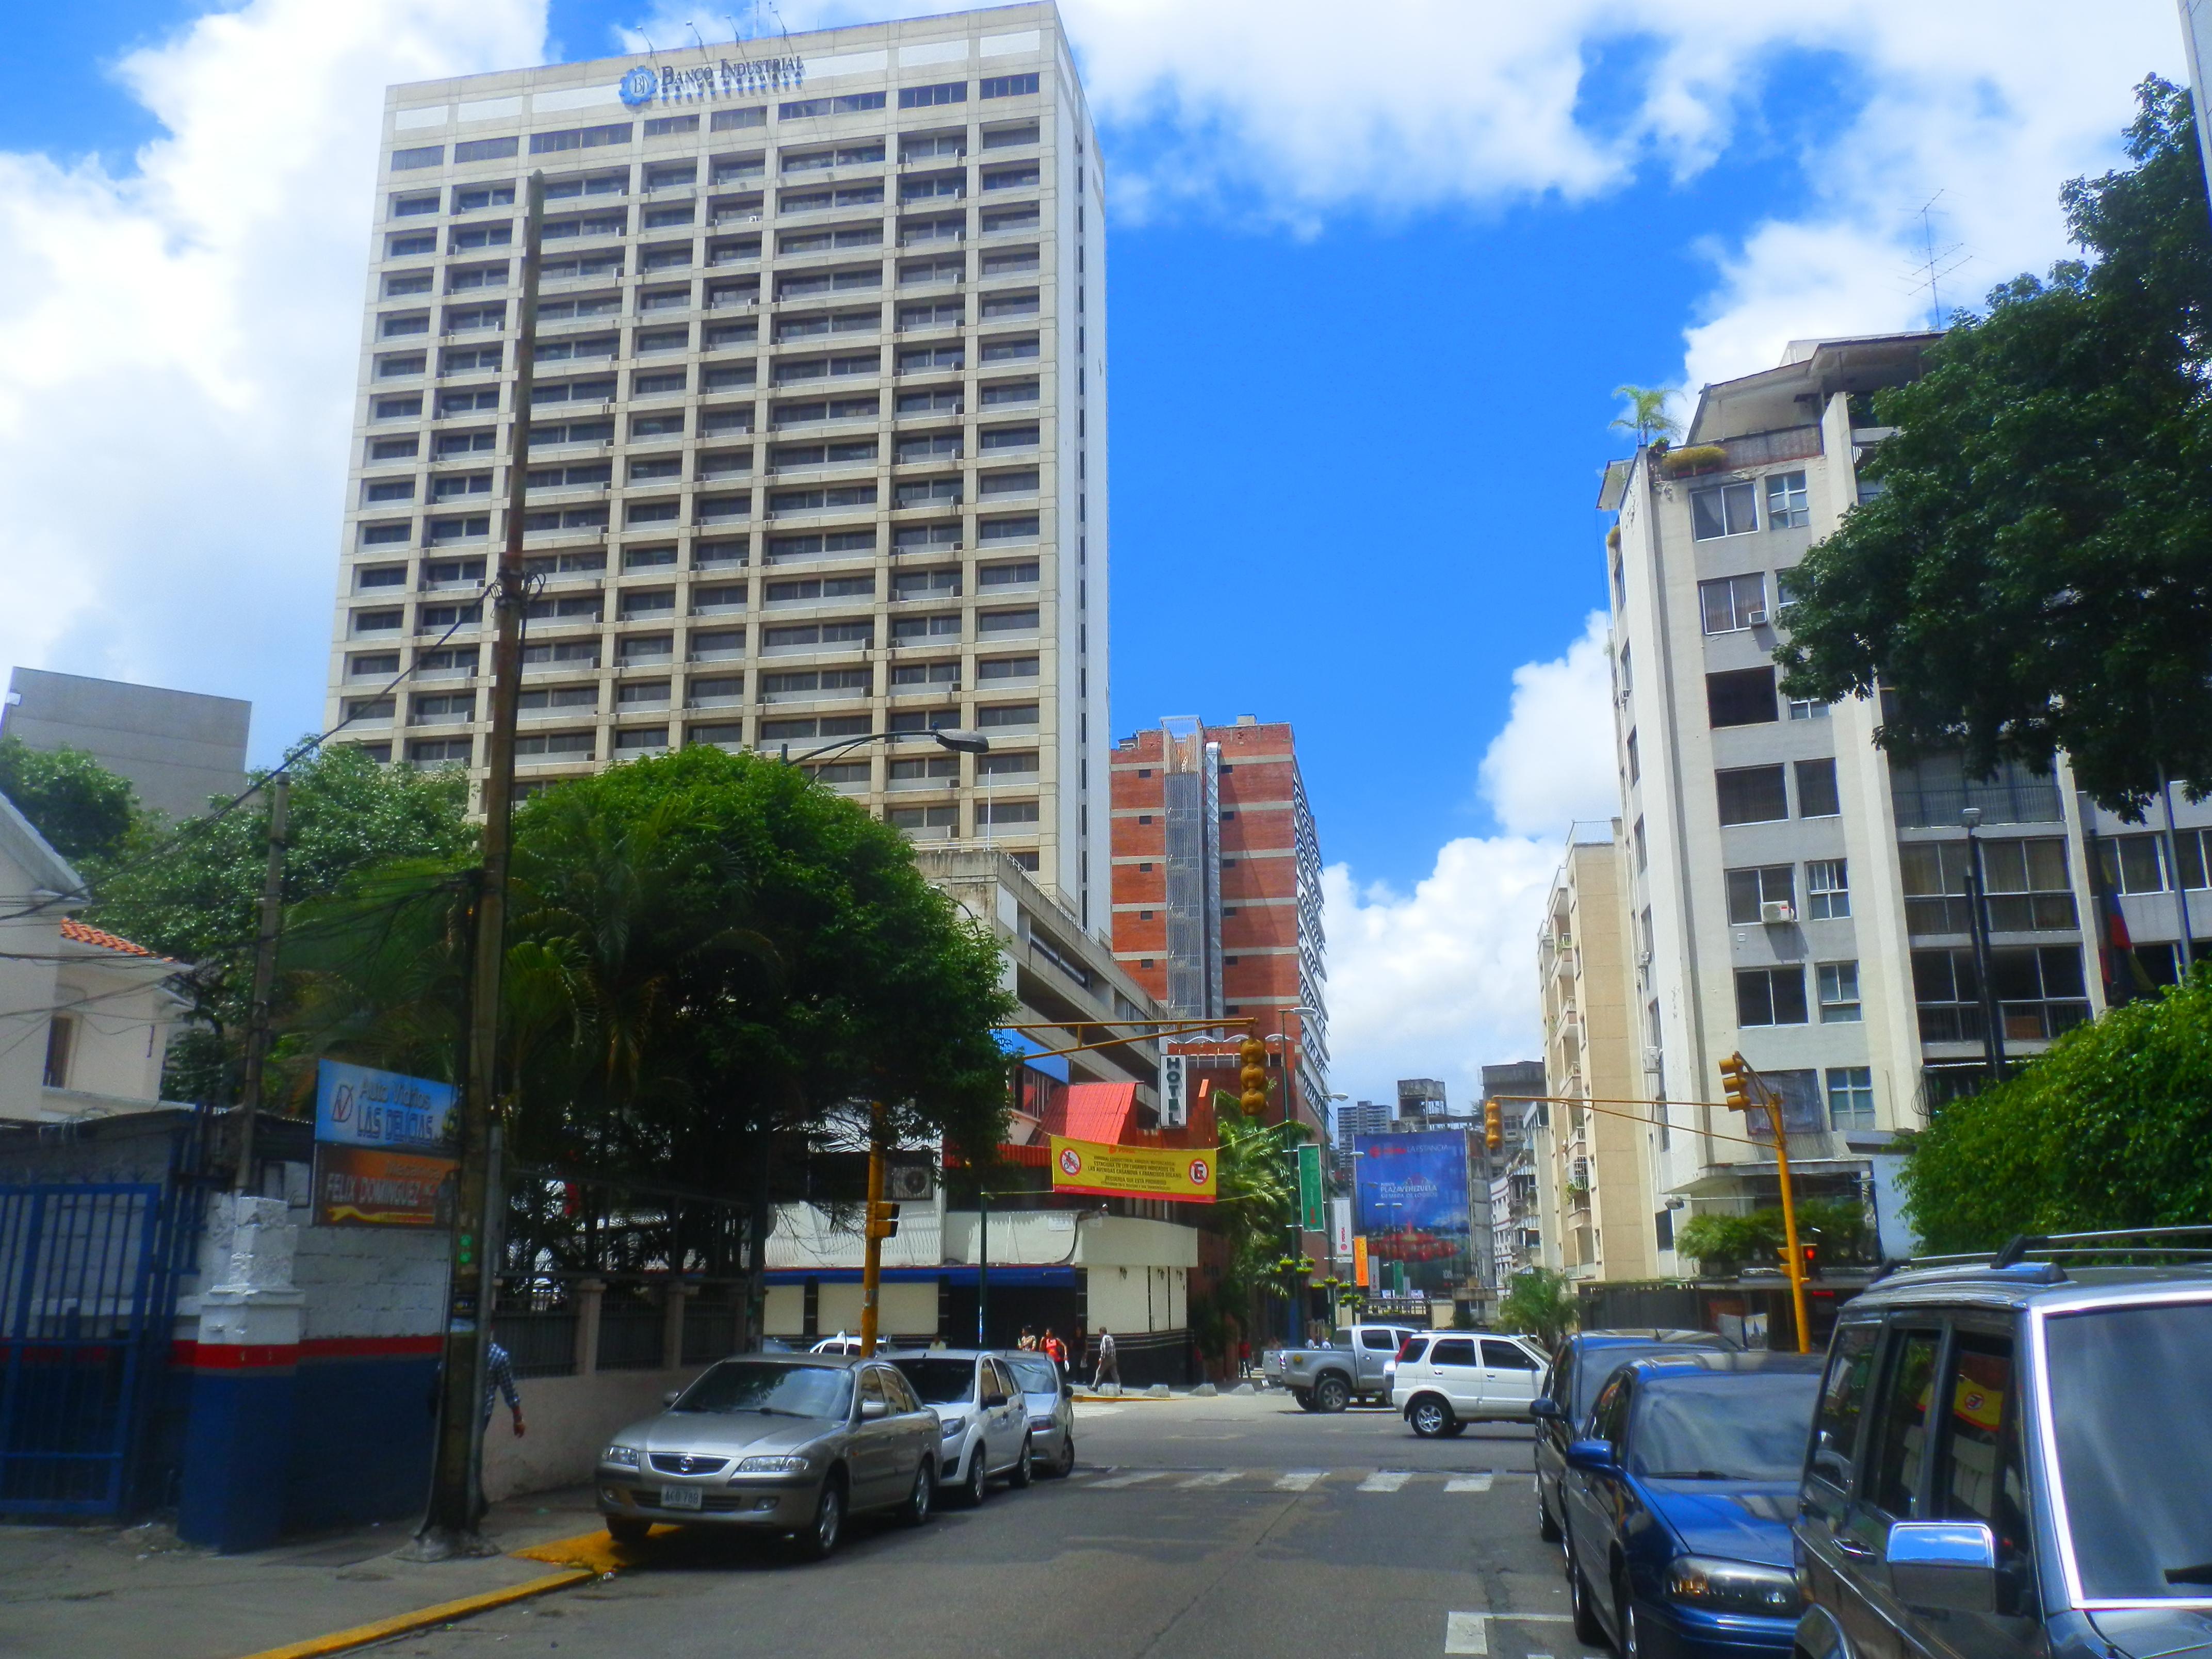 Banco industrial for 0banco de venezuela